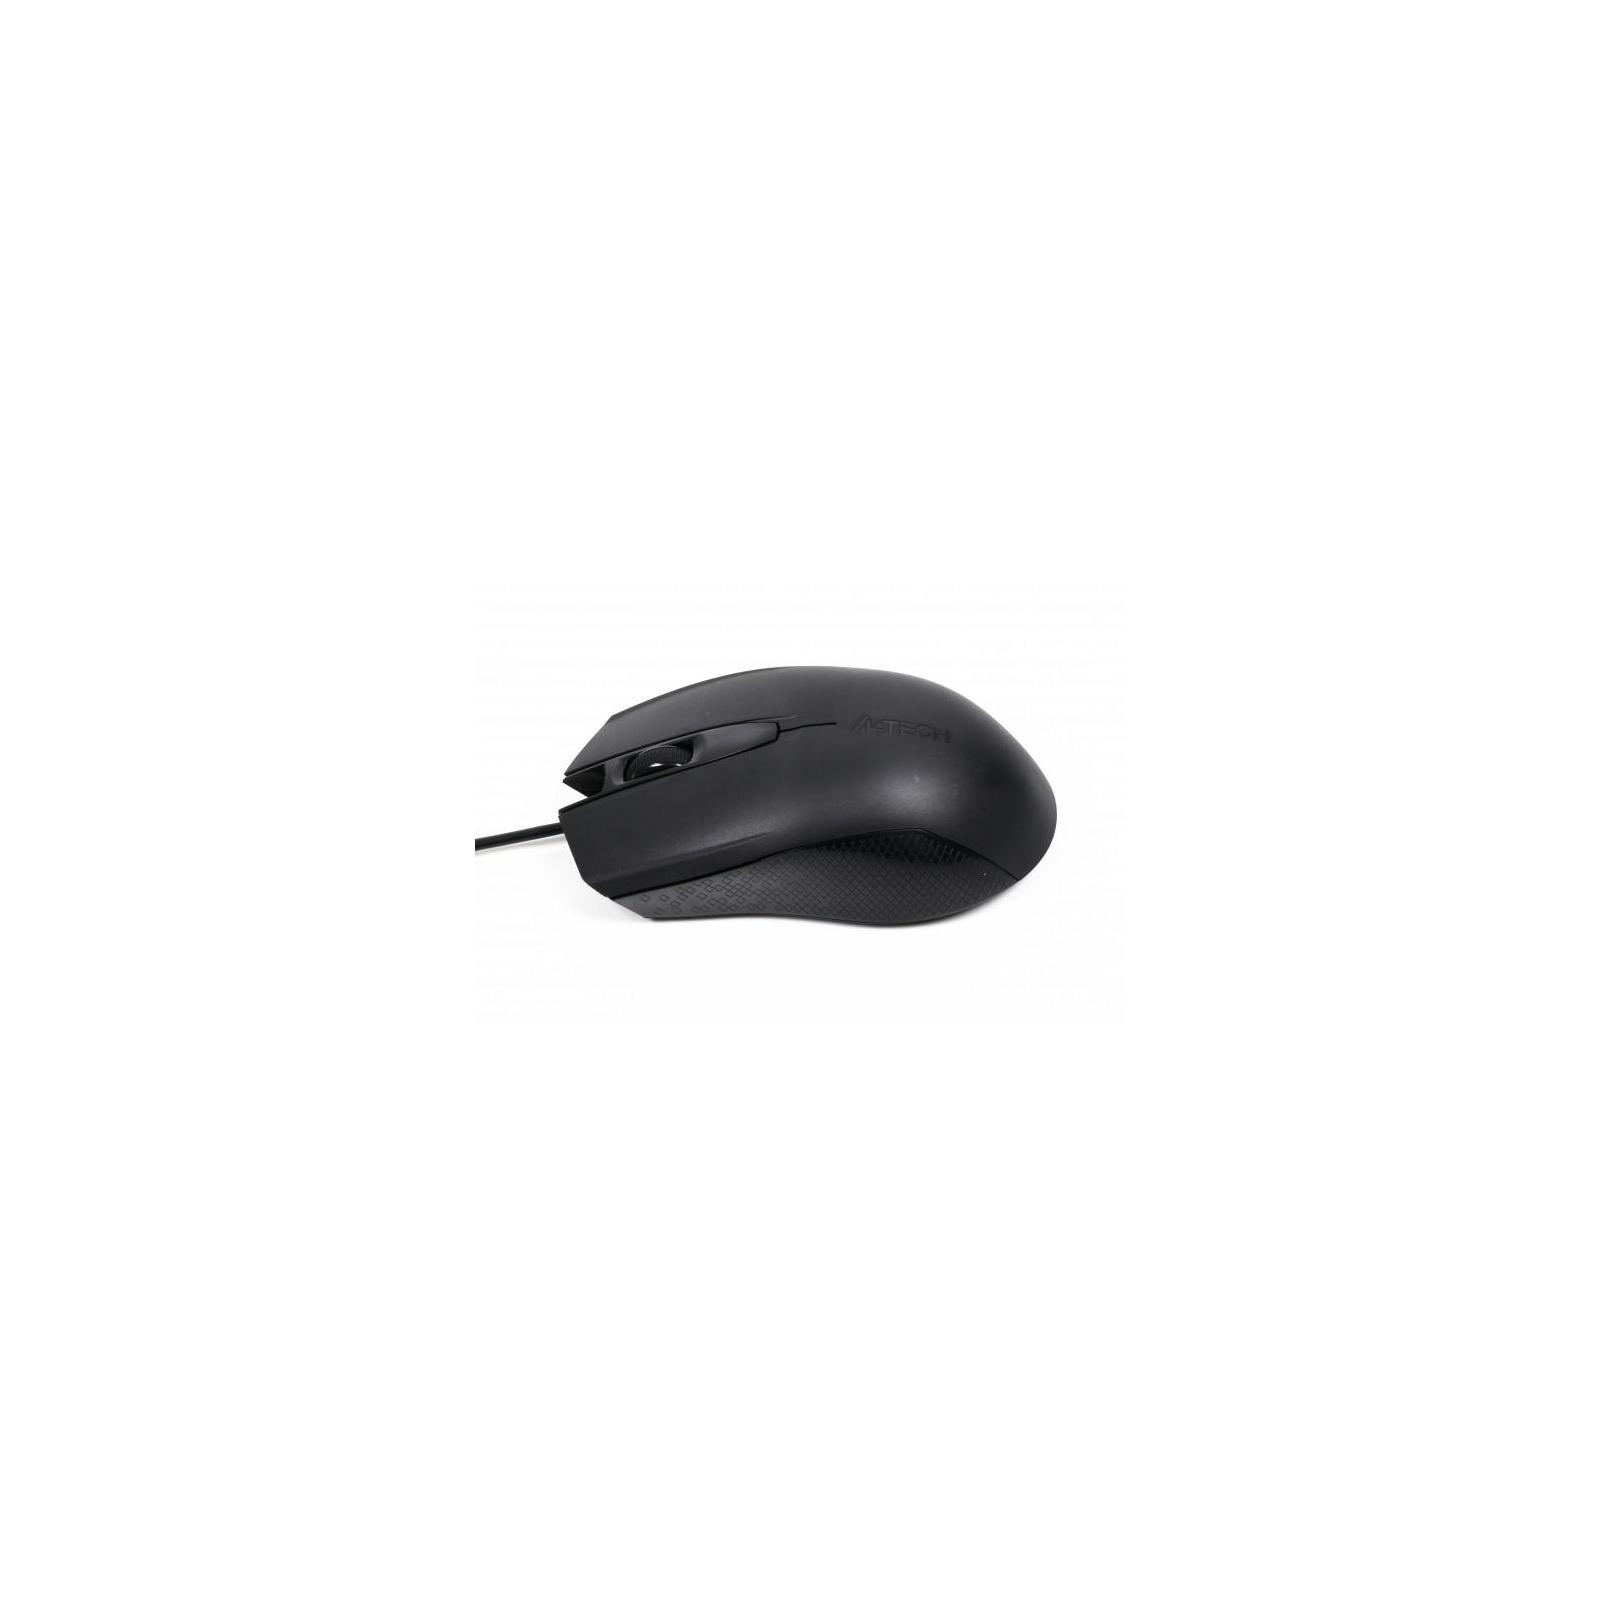 Мышка A4tech OP-760 Black изображение 2